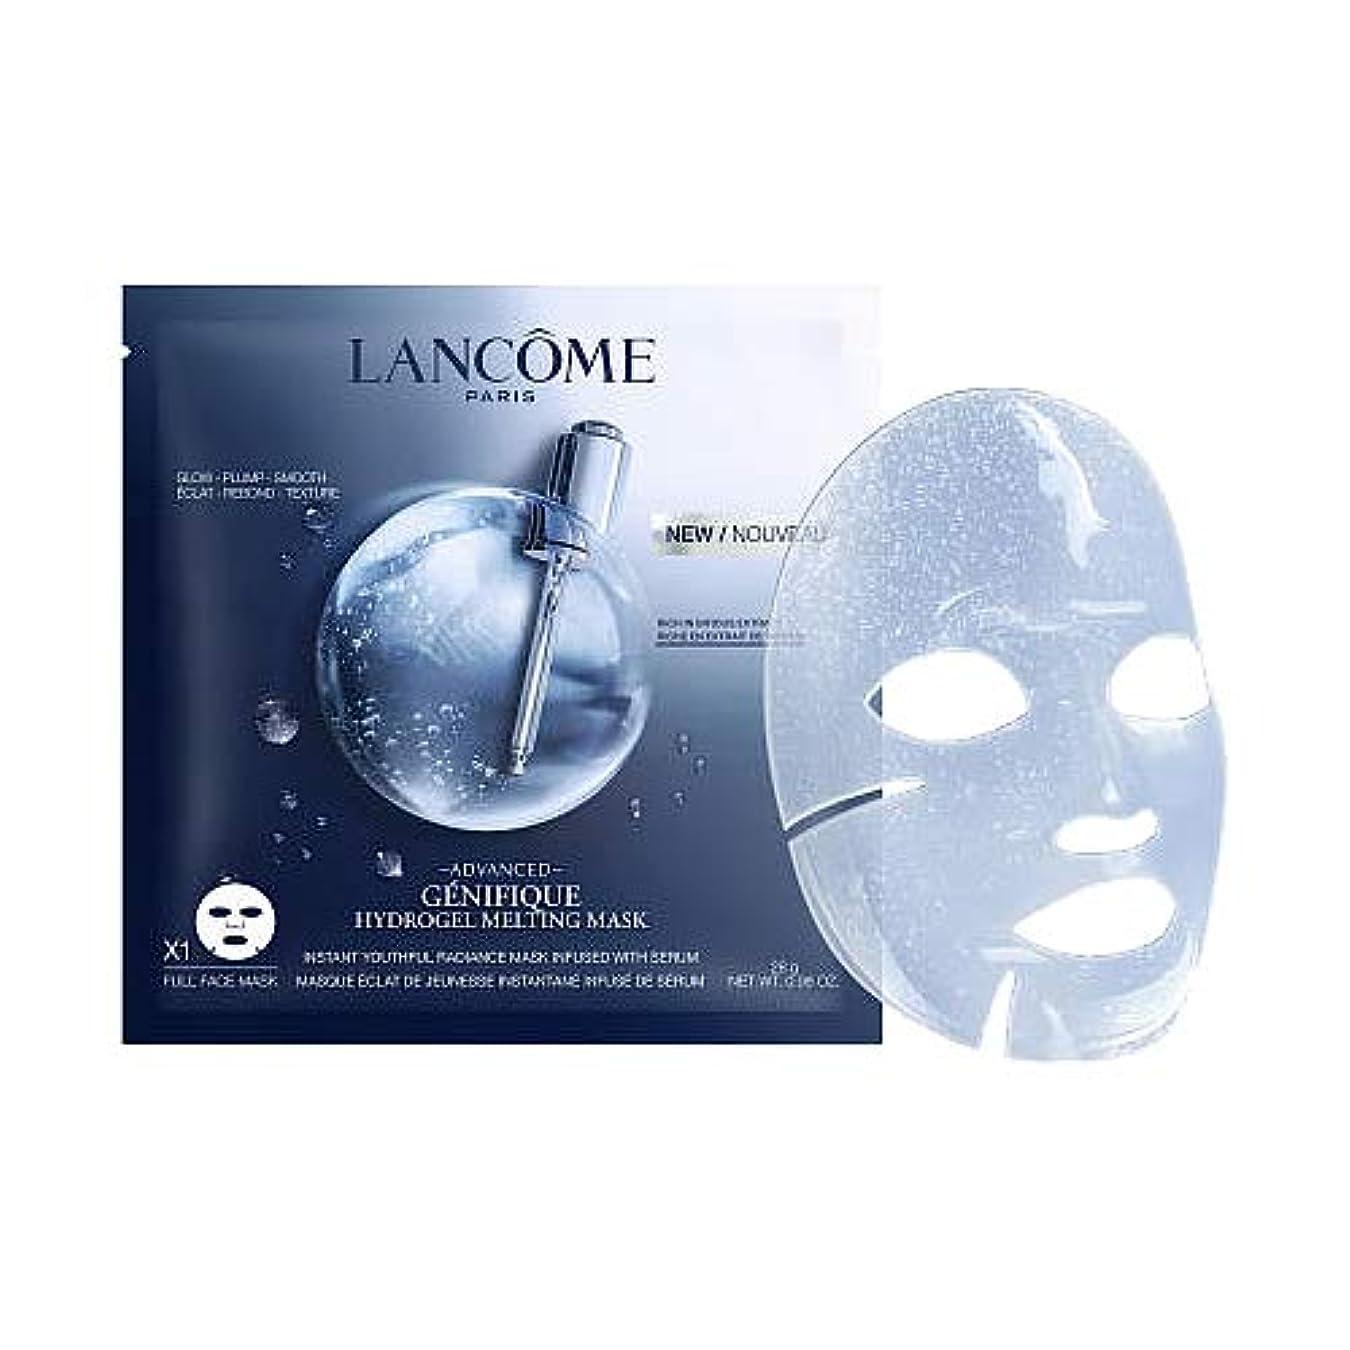 ランコム LANCOME ジェニフィック アドバンスト ハイドロジェル メルティングマスク 1枚x28g [並行輸入品]